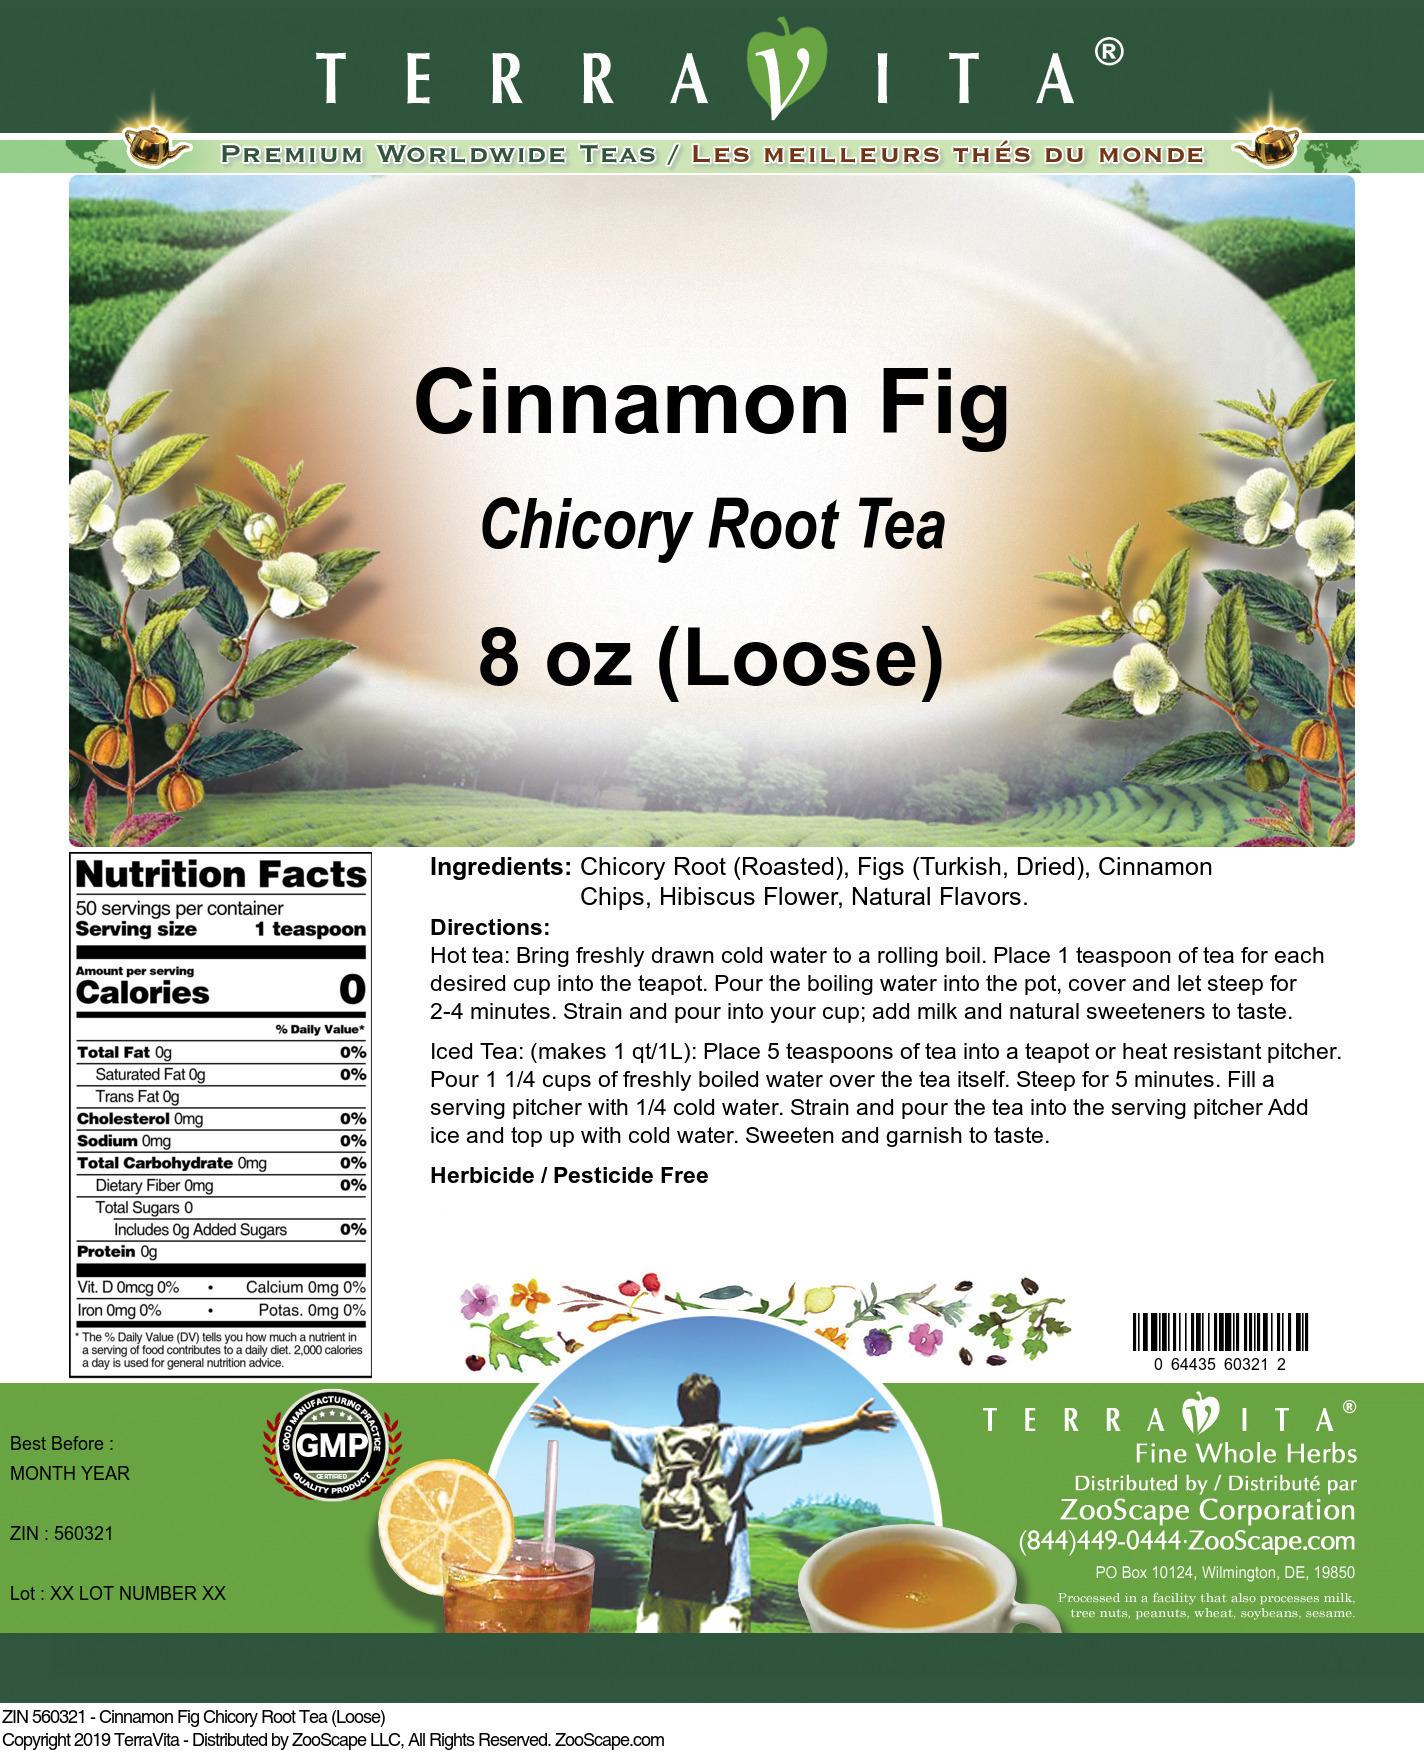 Cinnamon Fig Chicory Root Tea (Loose)